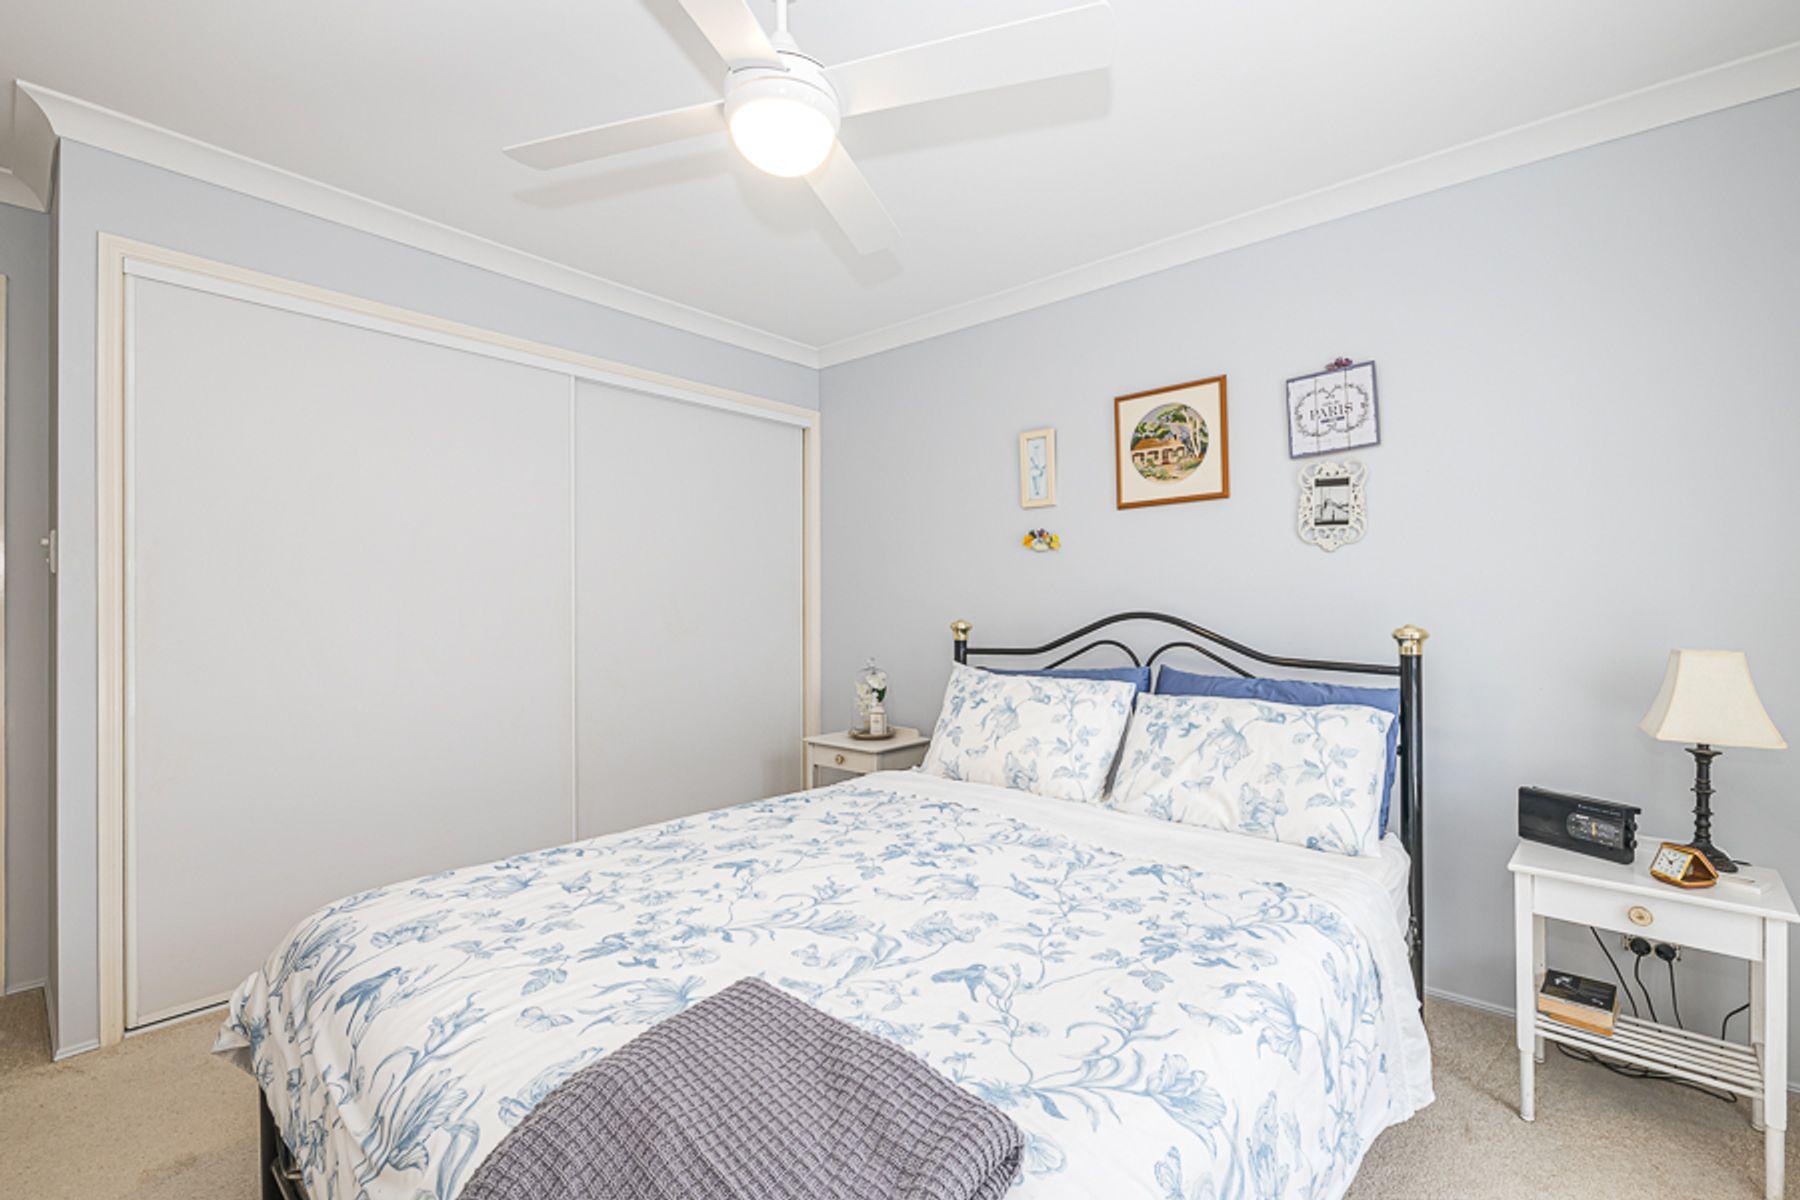 2/22 Fifth Avenue, Bongaree, QLD 4507